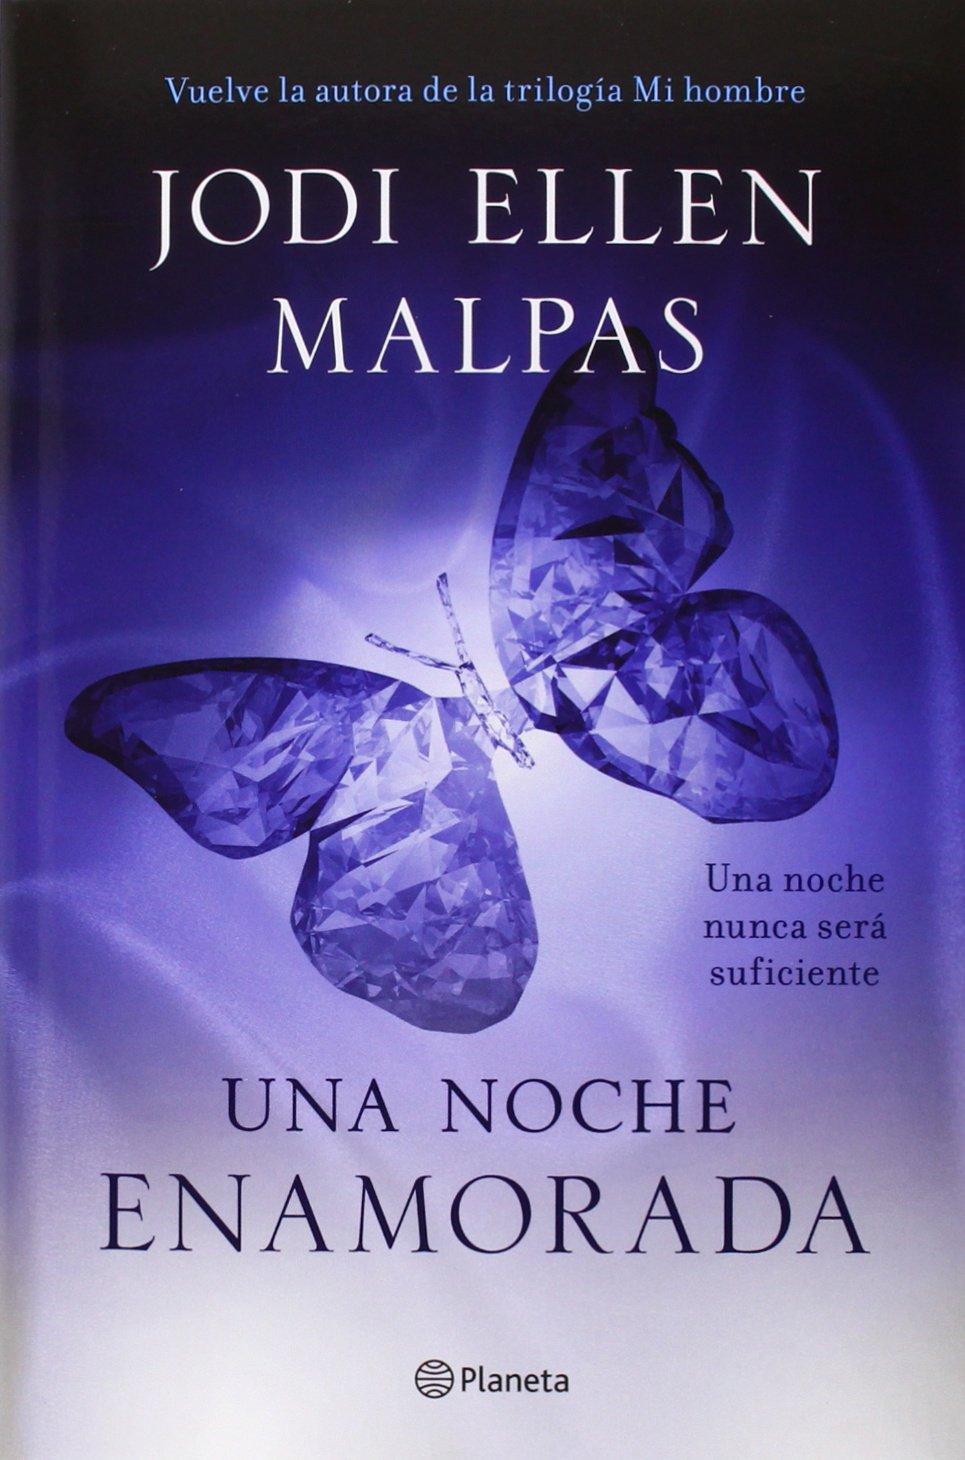 libro-una-noche-enamorada-jodi-ellen-malpas